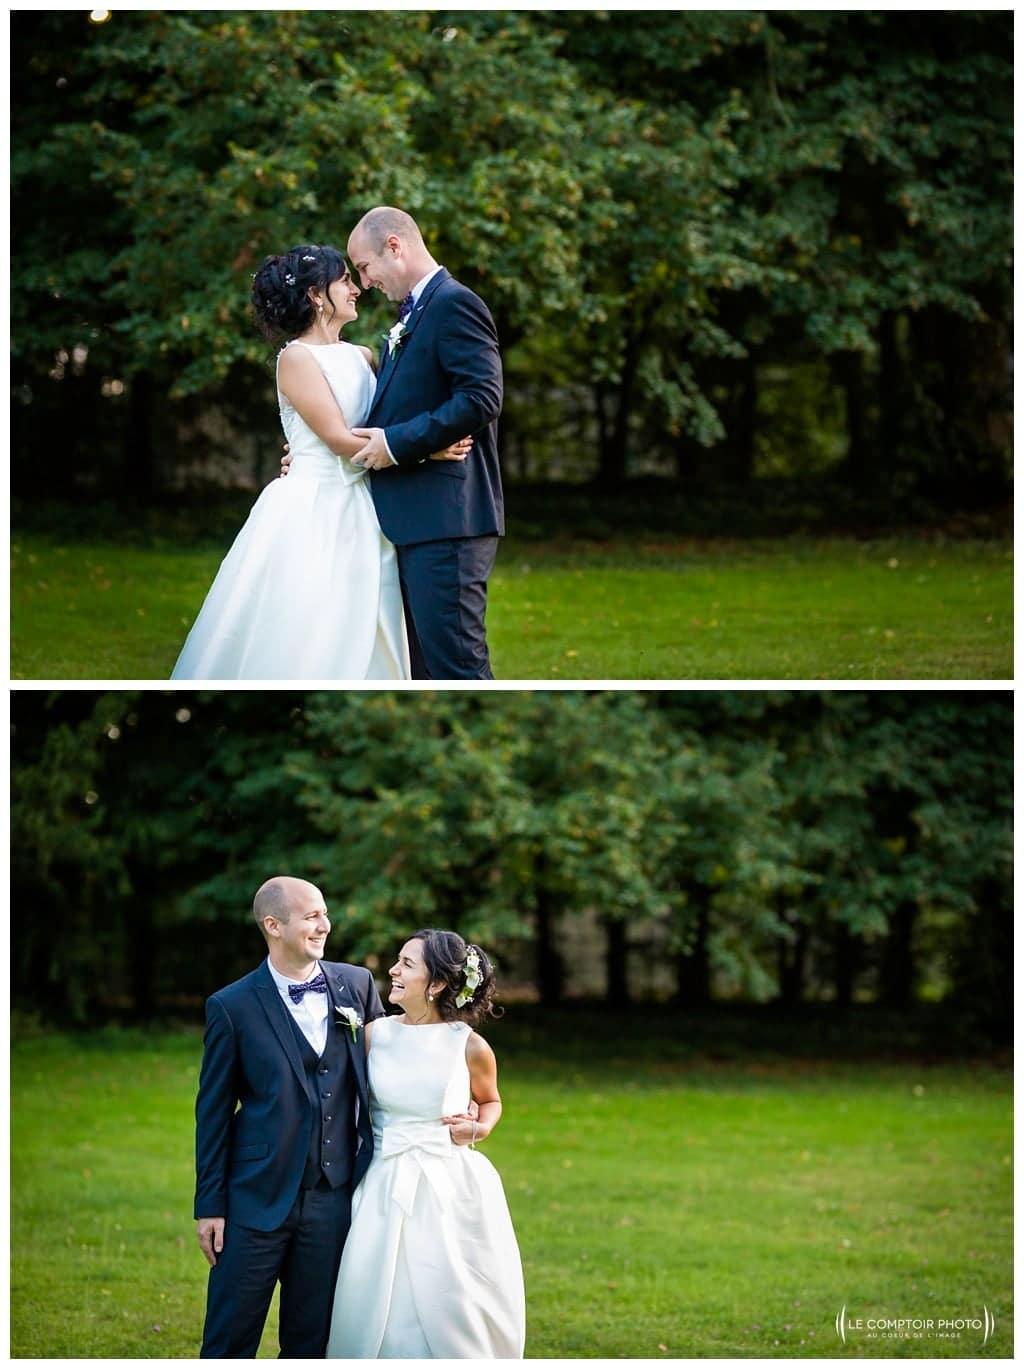 Séance photo couple mariage - coucher du soleil - Manoir de Chantilly- Gouvieux- calin - rigolade-souvenir-Mariage-Carolina-Fabien-Manoir-de-Chantilly_Gouvieux_Photographe-mariage-Oise_photographe-oise_Le-Comptoir-Photo